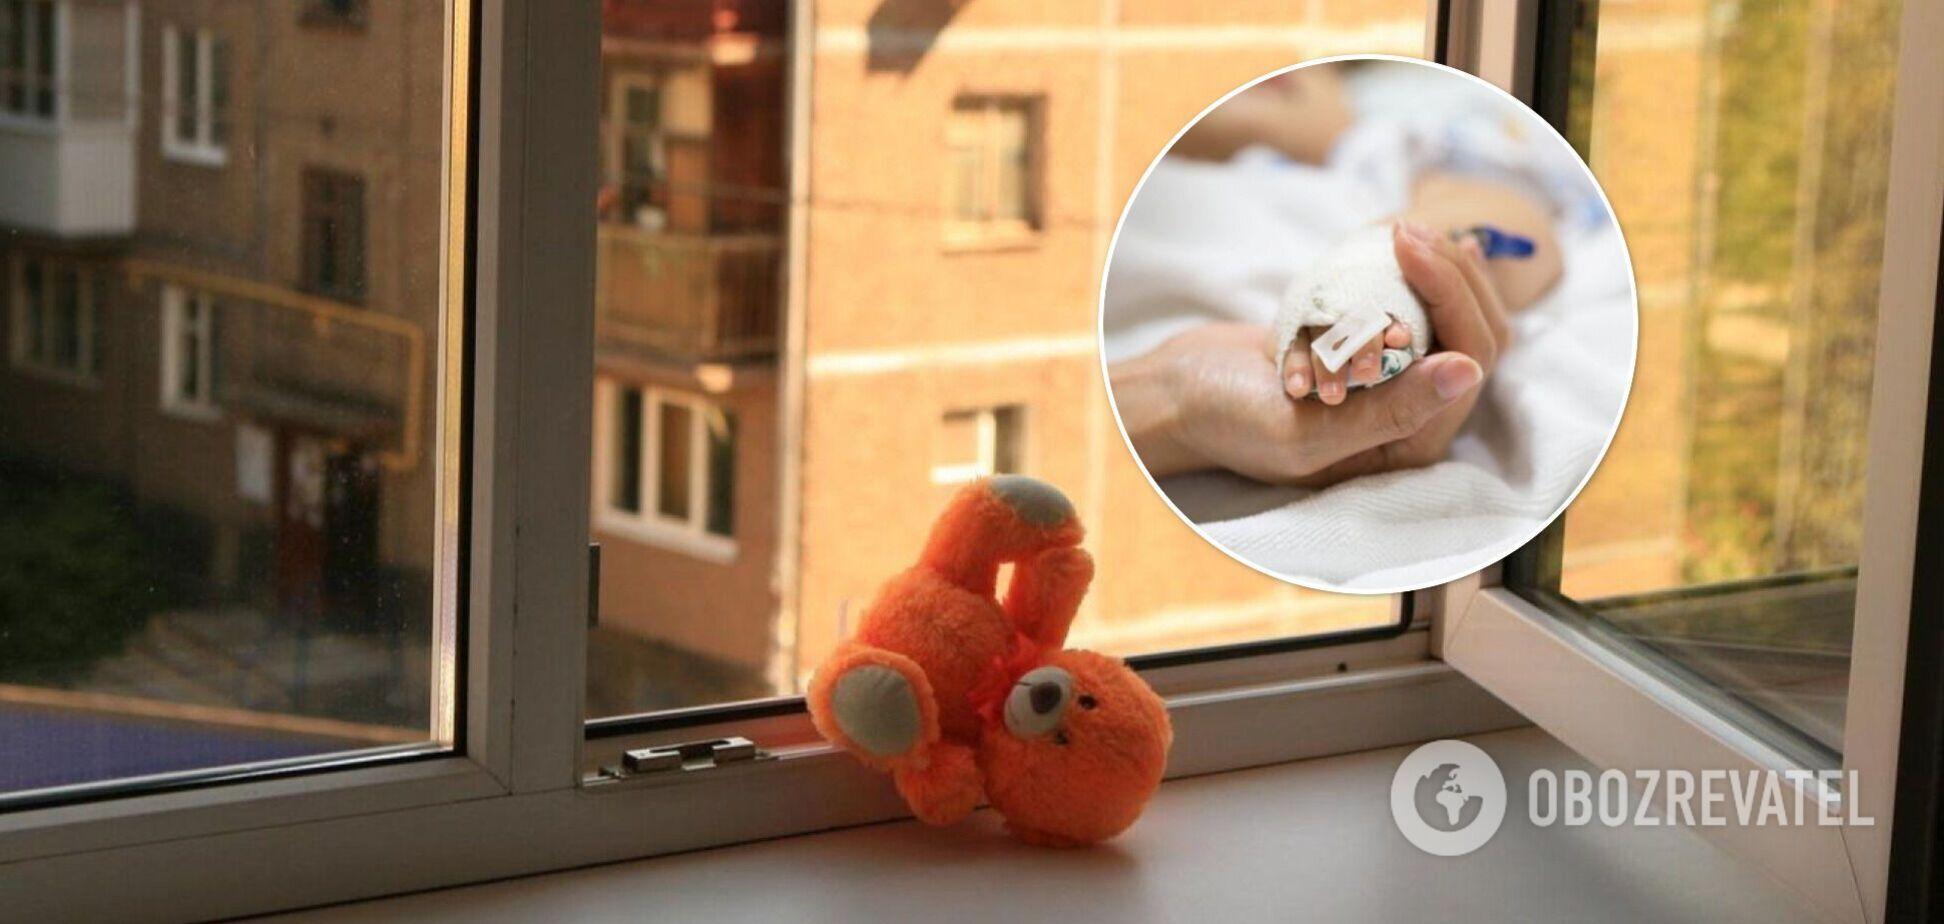 У Харкові однорічна дівчинка випала з вікна багатоповерхівки, лікарі борються за життя дитини